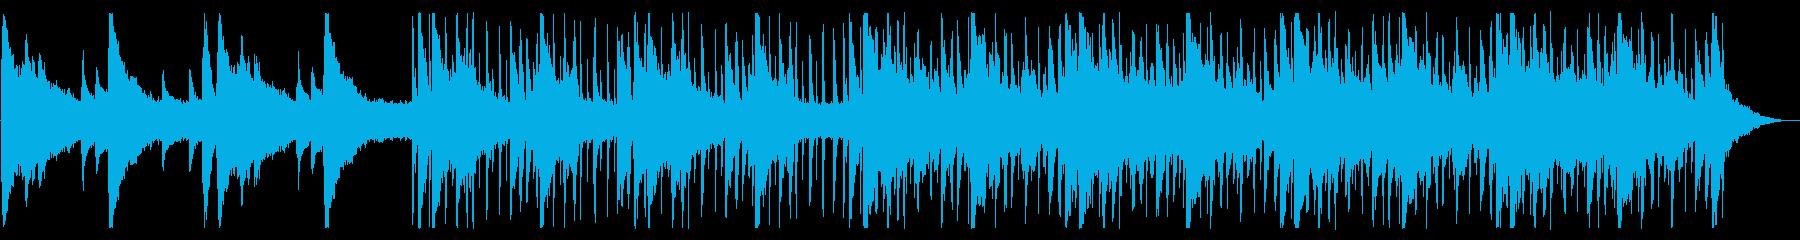 爽やかモーニング/R&B_No598_3の再生済みの波形